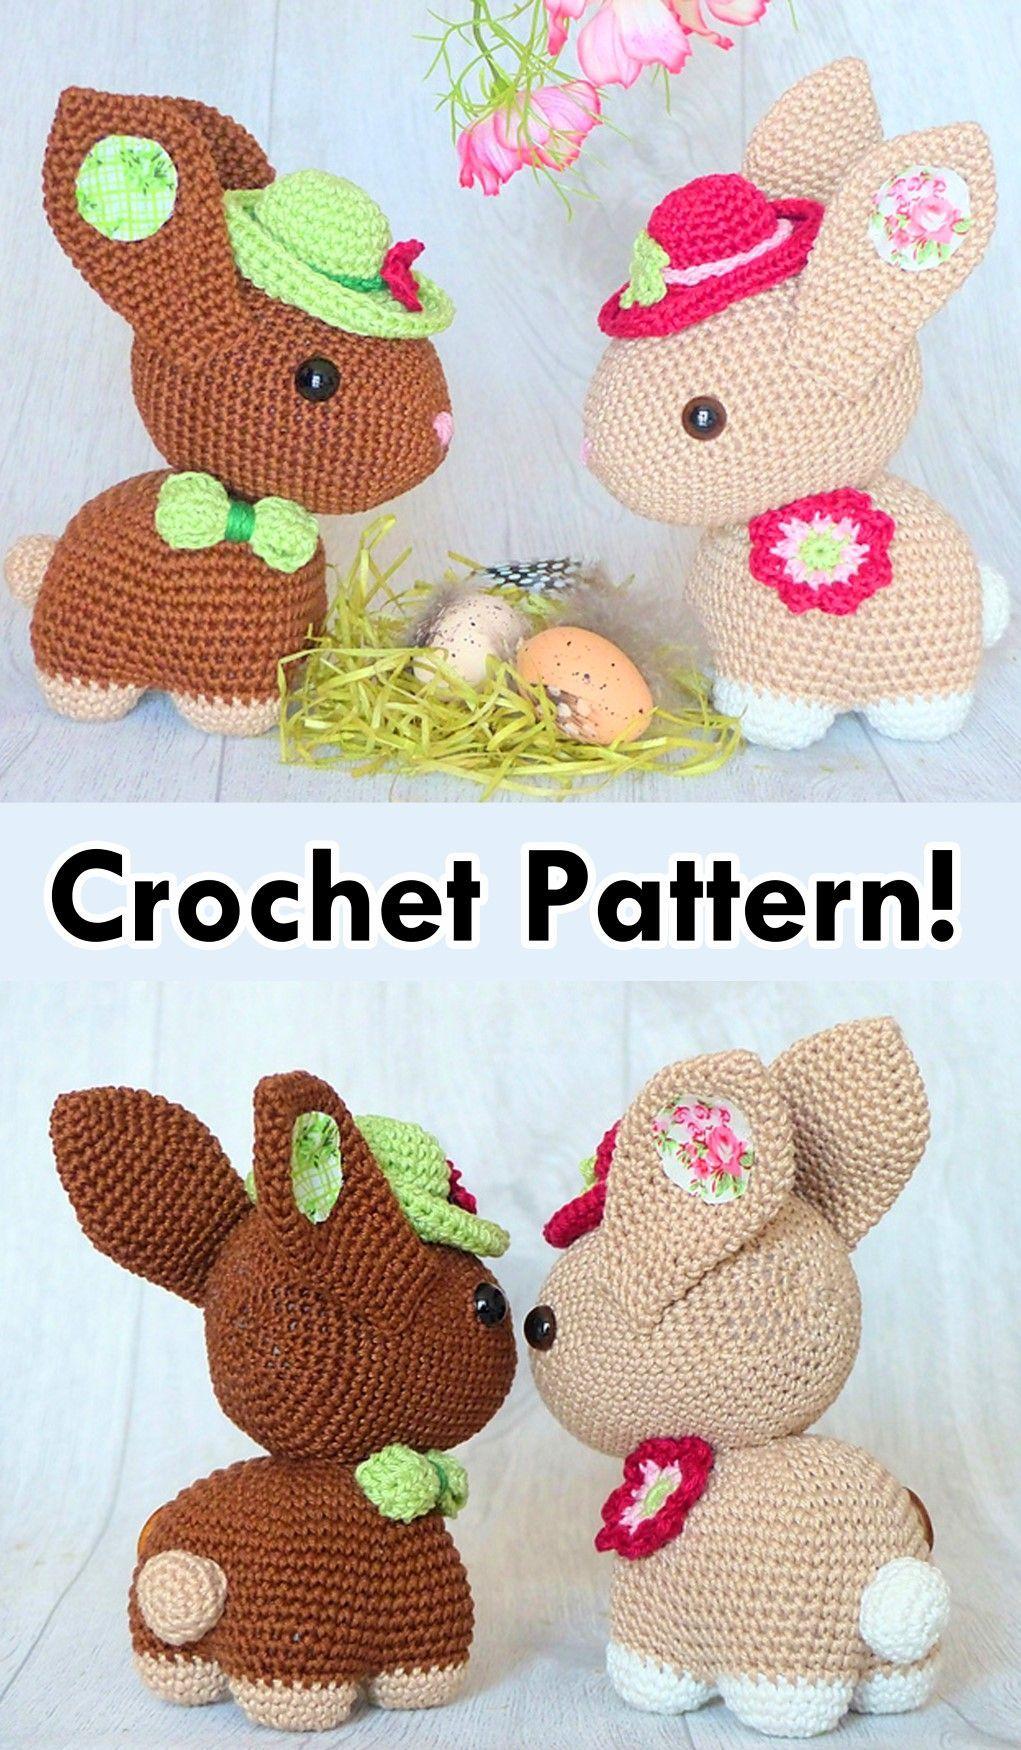 Crochet Eggster Bunny | Rękodzieło na wielkanoc, Wzory szydełkowe ... | 1750x1021